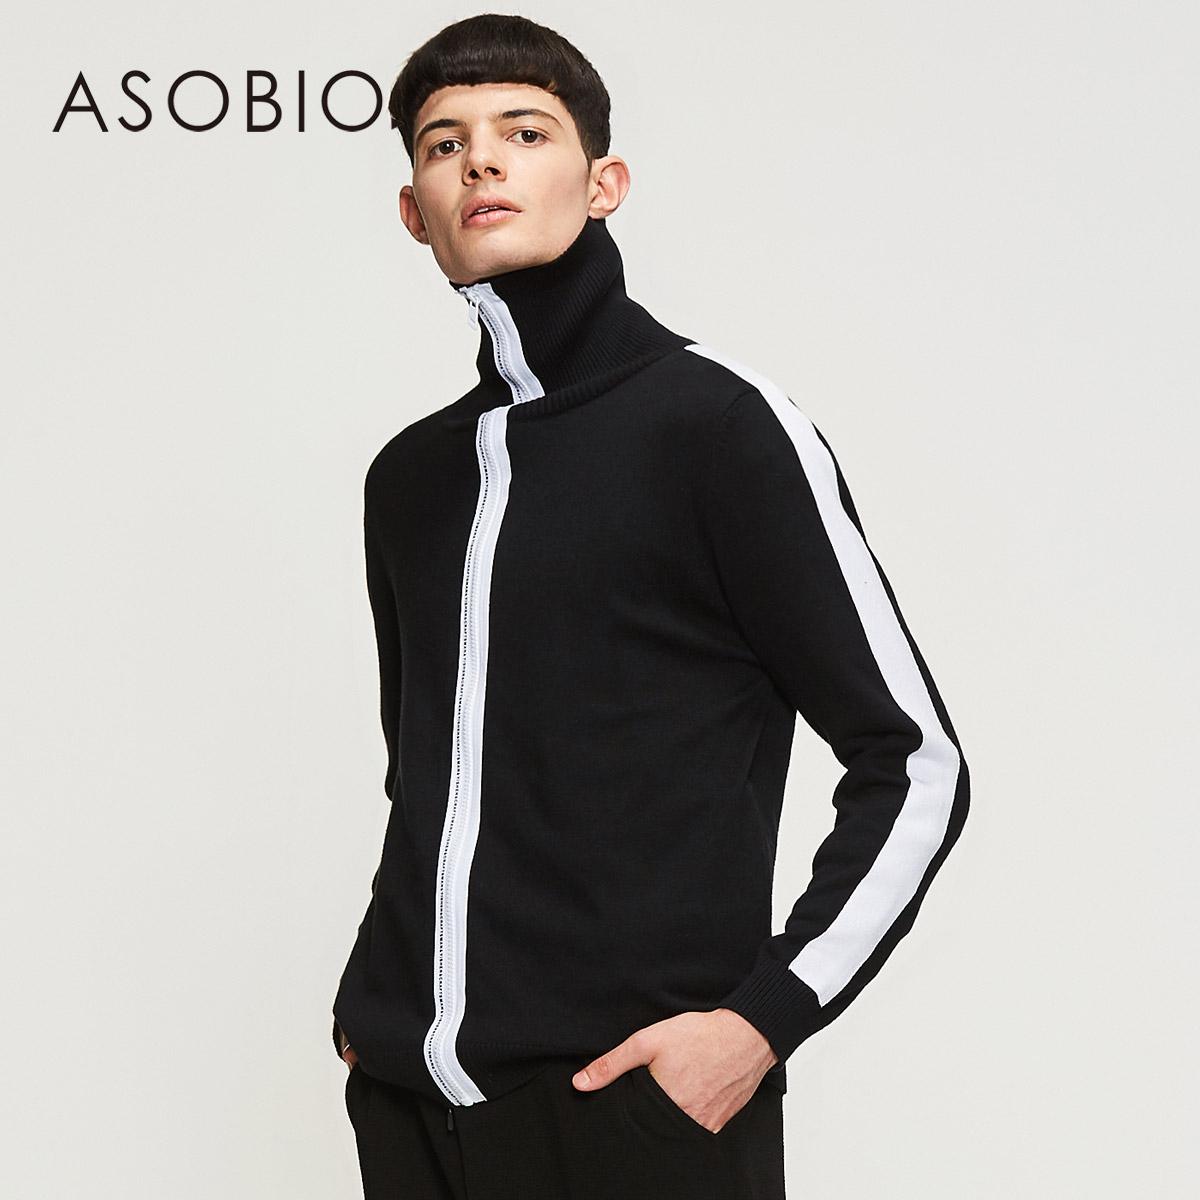 Asobio nam cao cổ áo thun áo len thể thao đường phố cao chic sọc màu sắc tương phản 3814231256